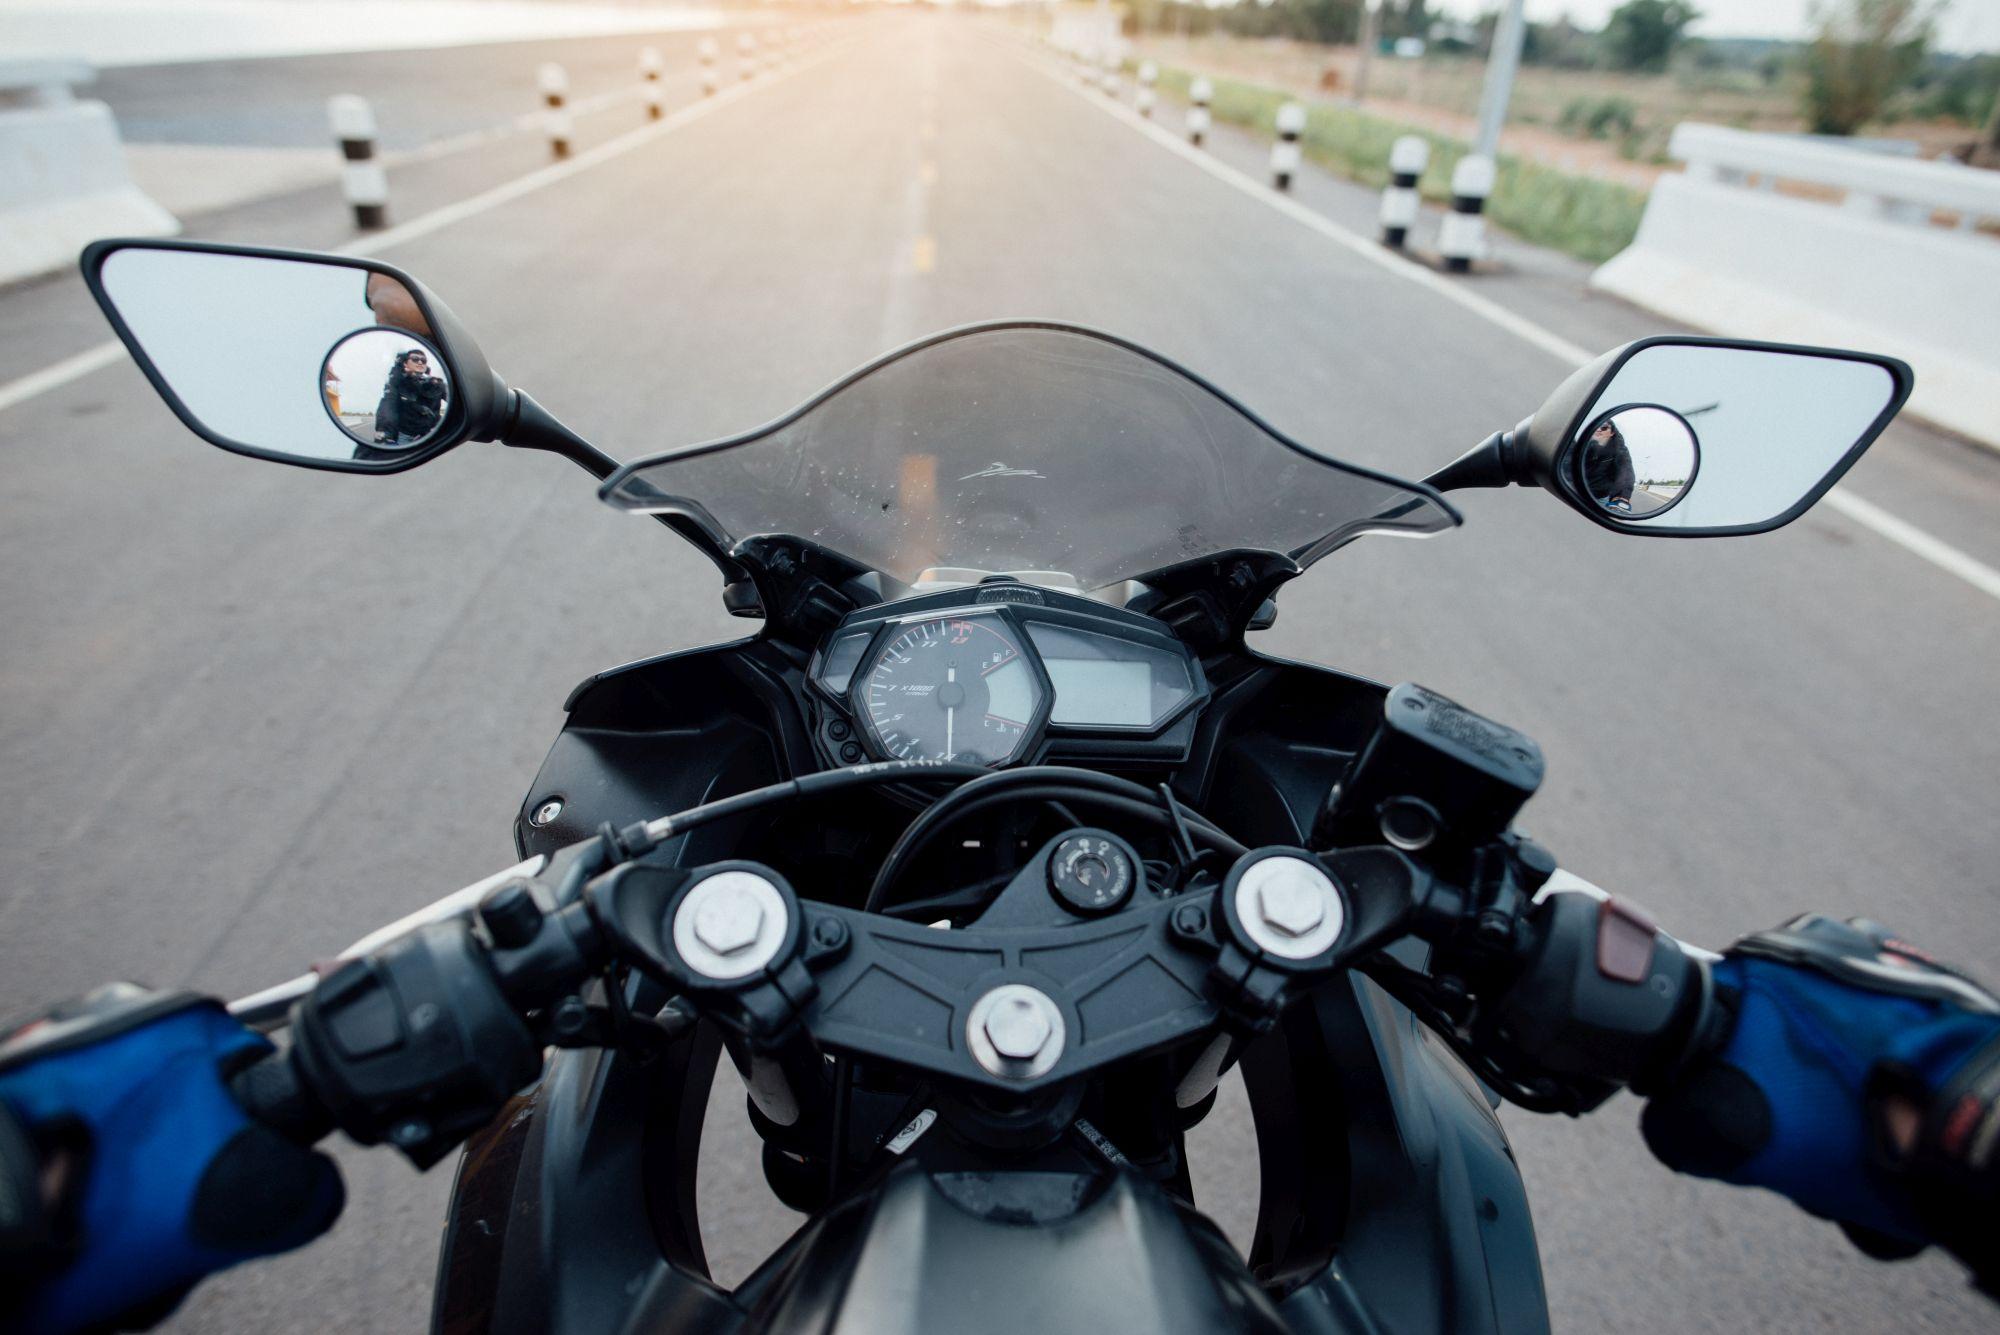 Motoros kesztyűkből találhatsz utazáshoz valót is